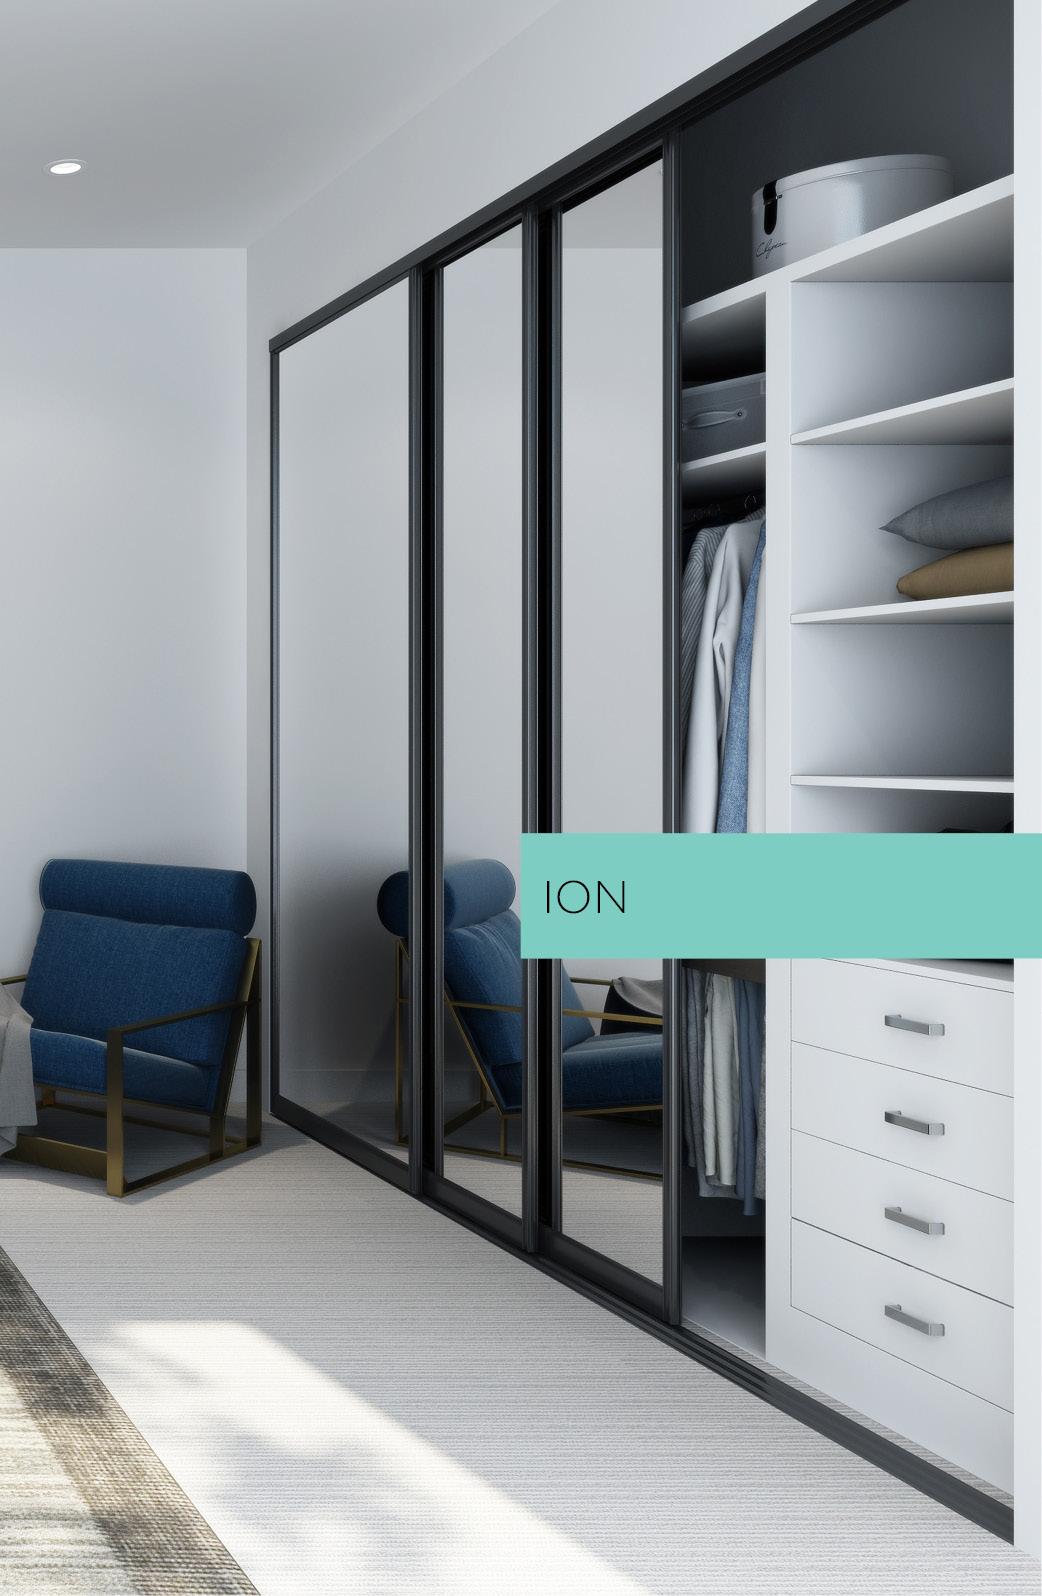 ION wardrobe door system